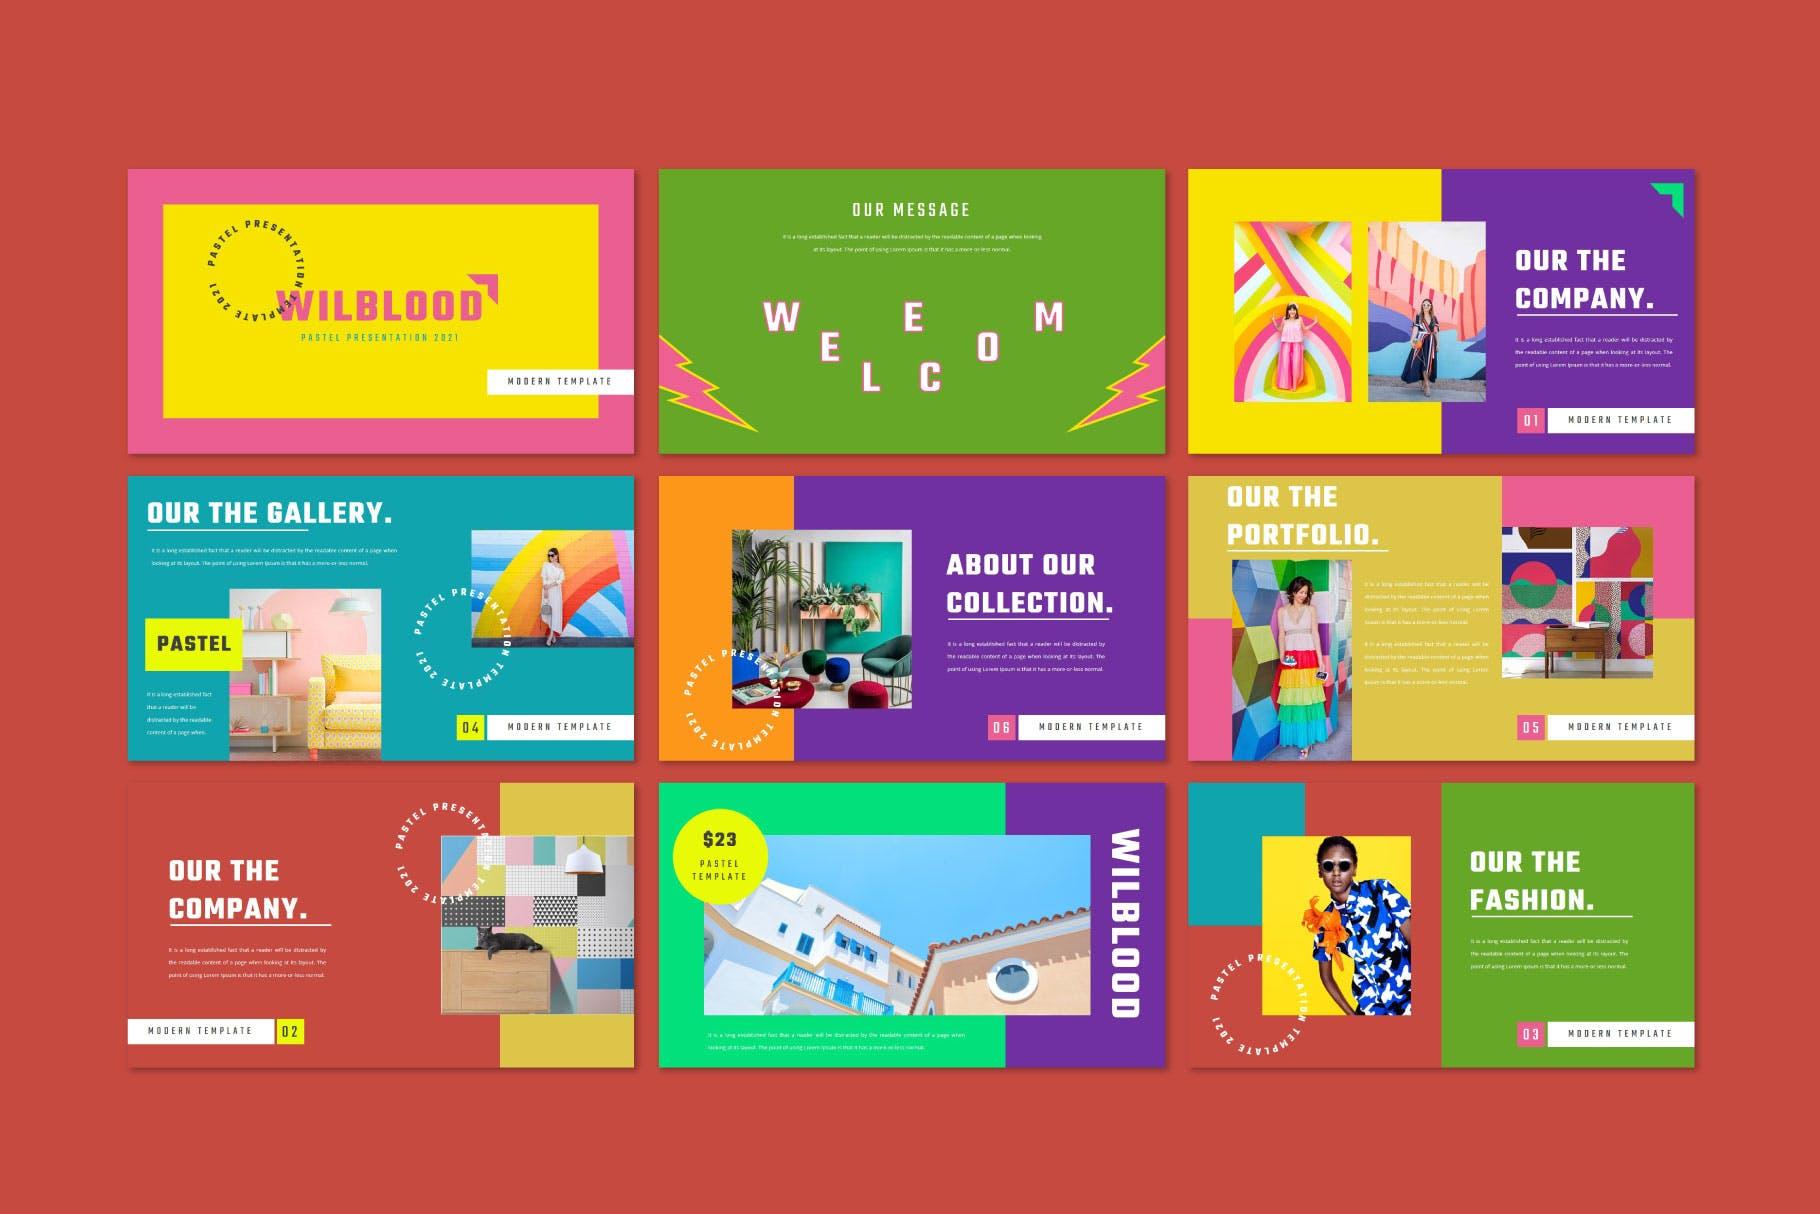 时尚炫彩服装策划提案简报作品集设计模版 WILBLOOD – Keynote Template插图4